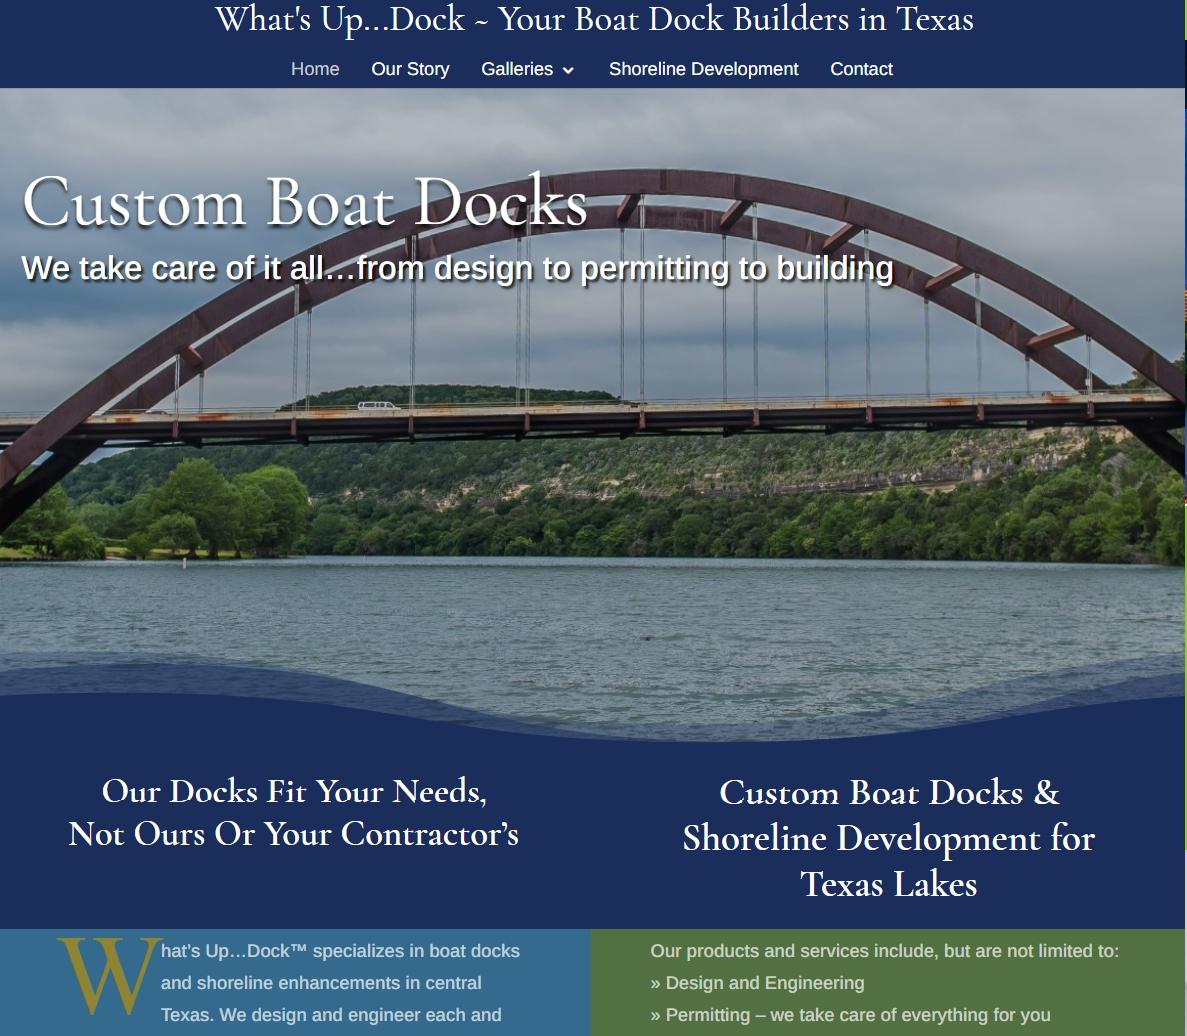 Boat Dock Builder Website Design